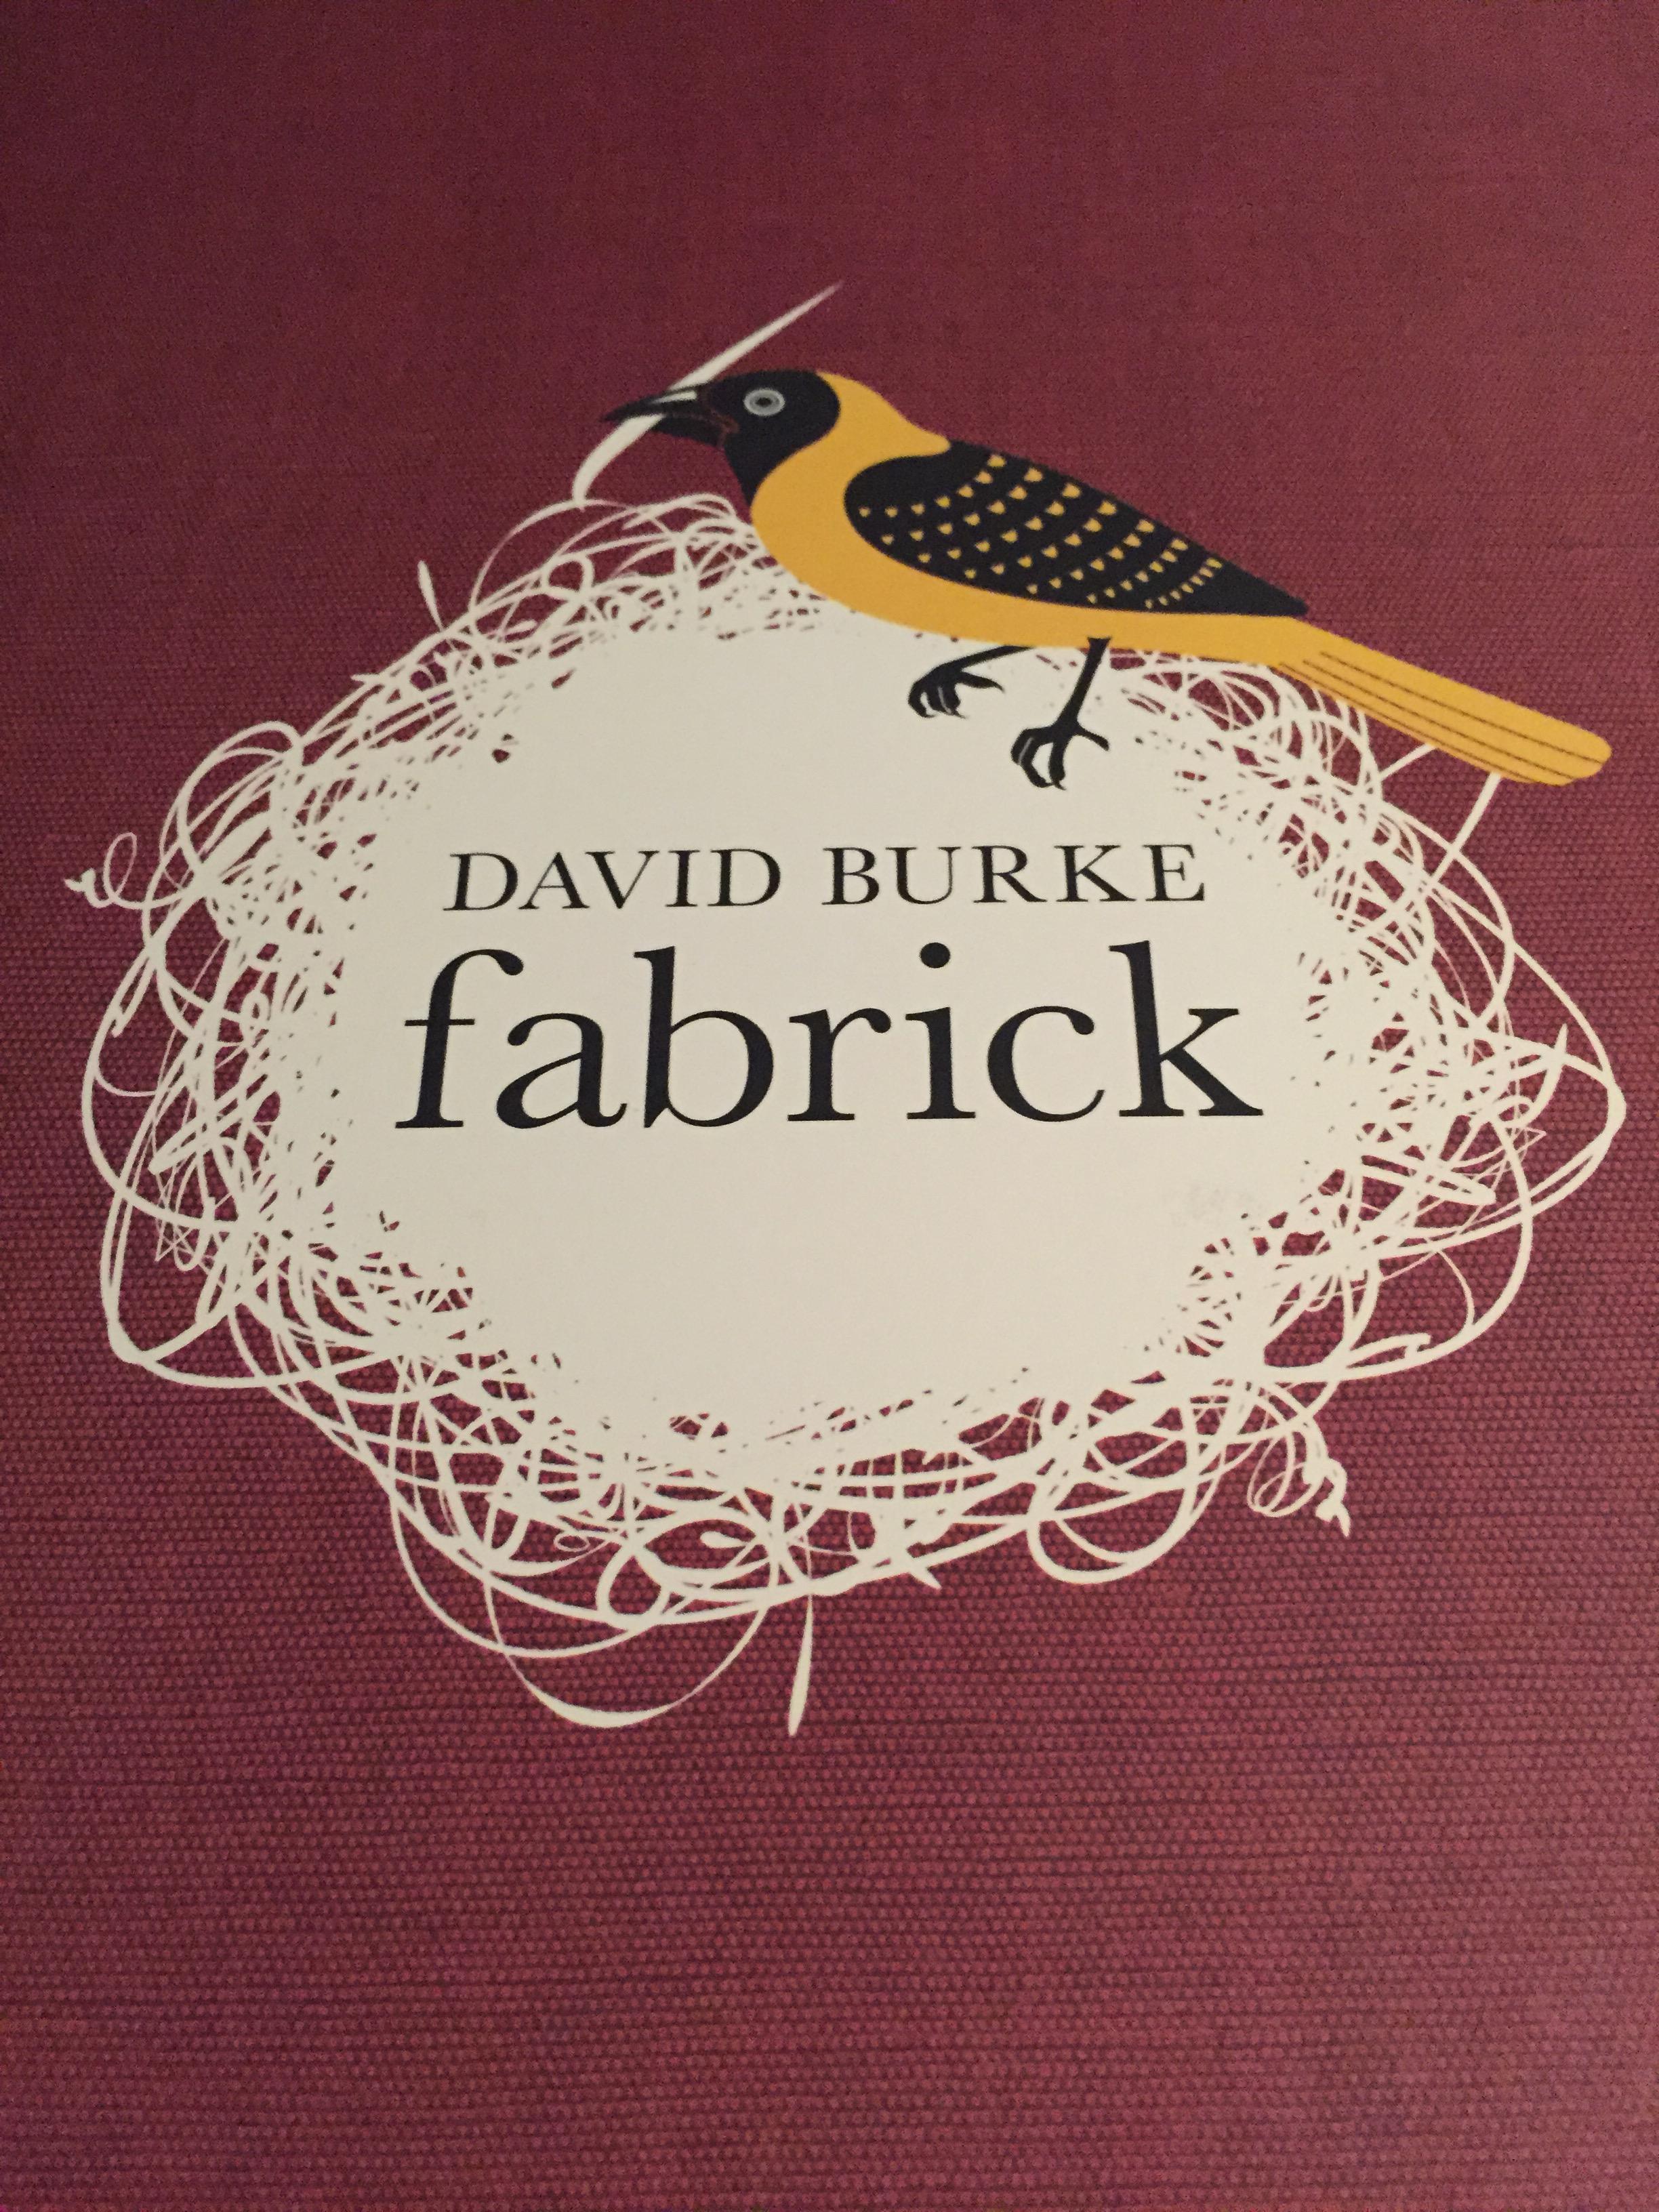 The menu has FABRIC - get it?